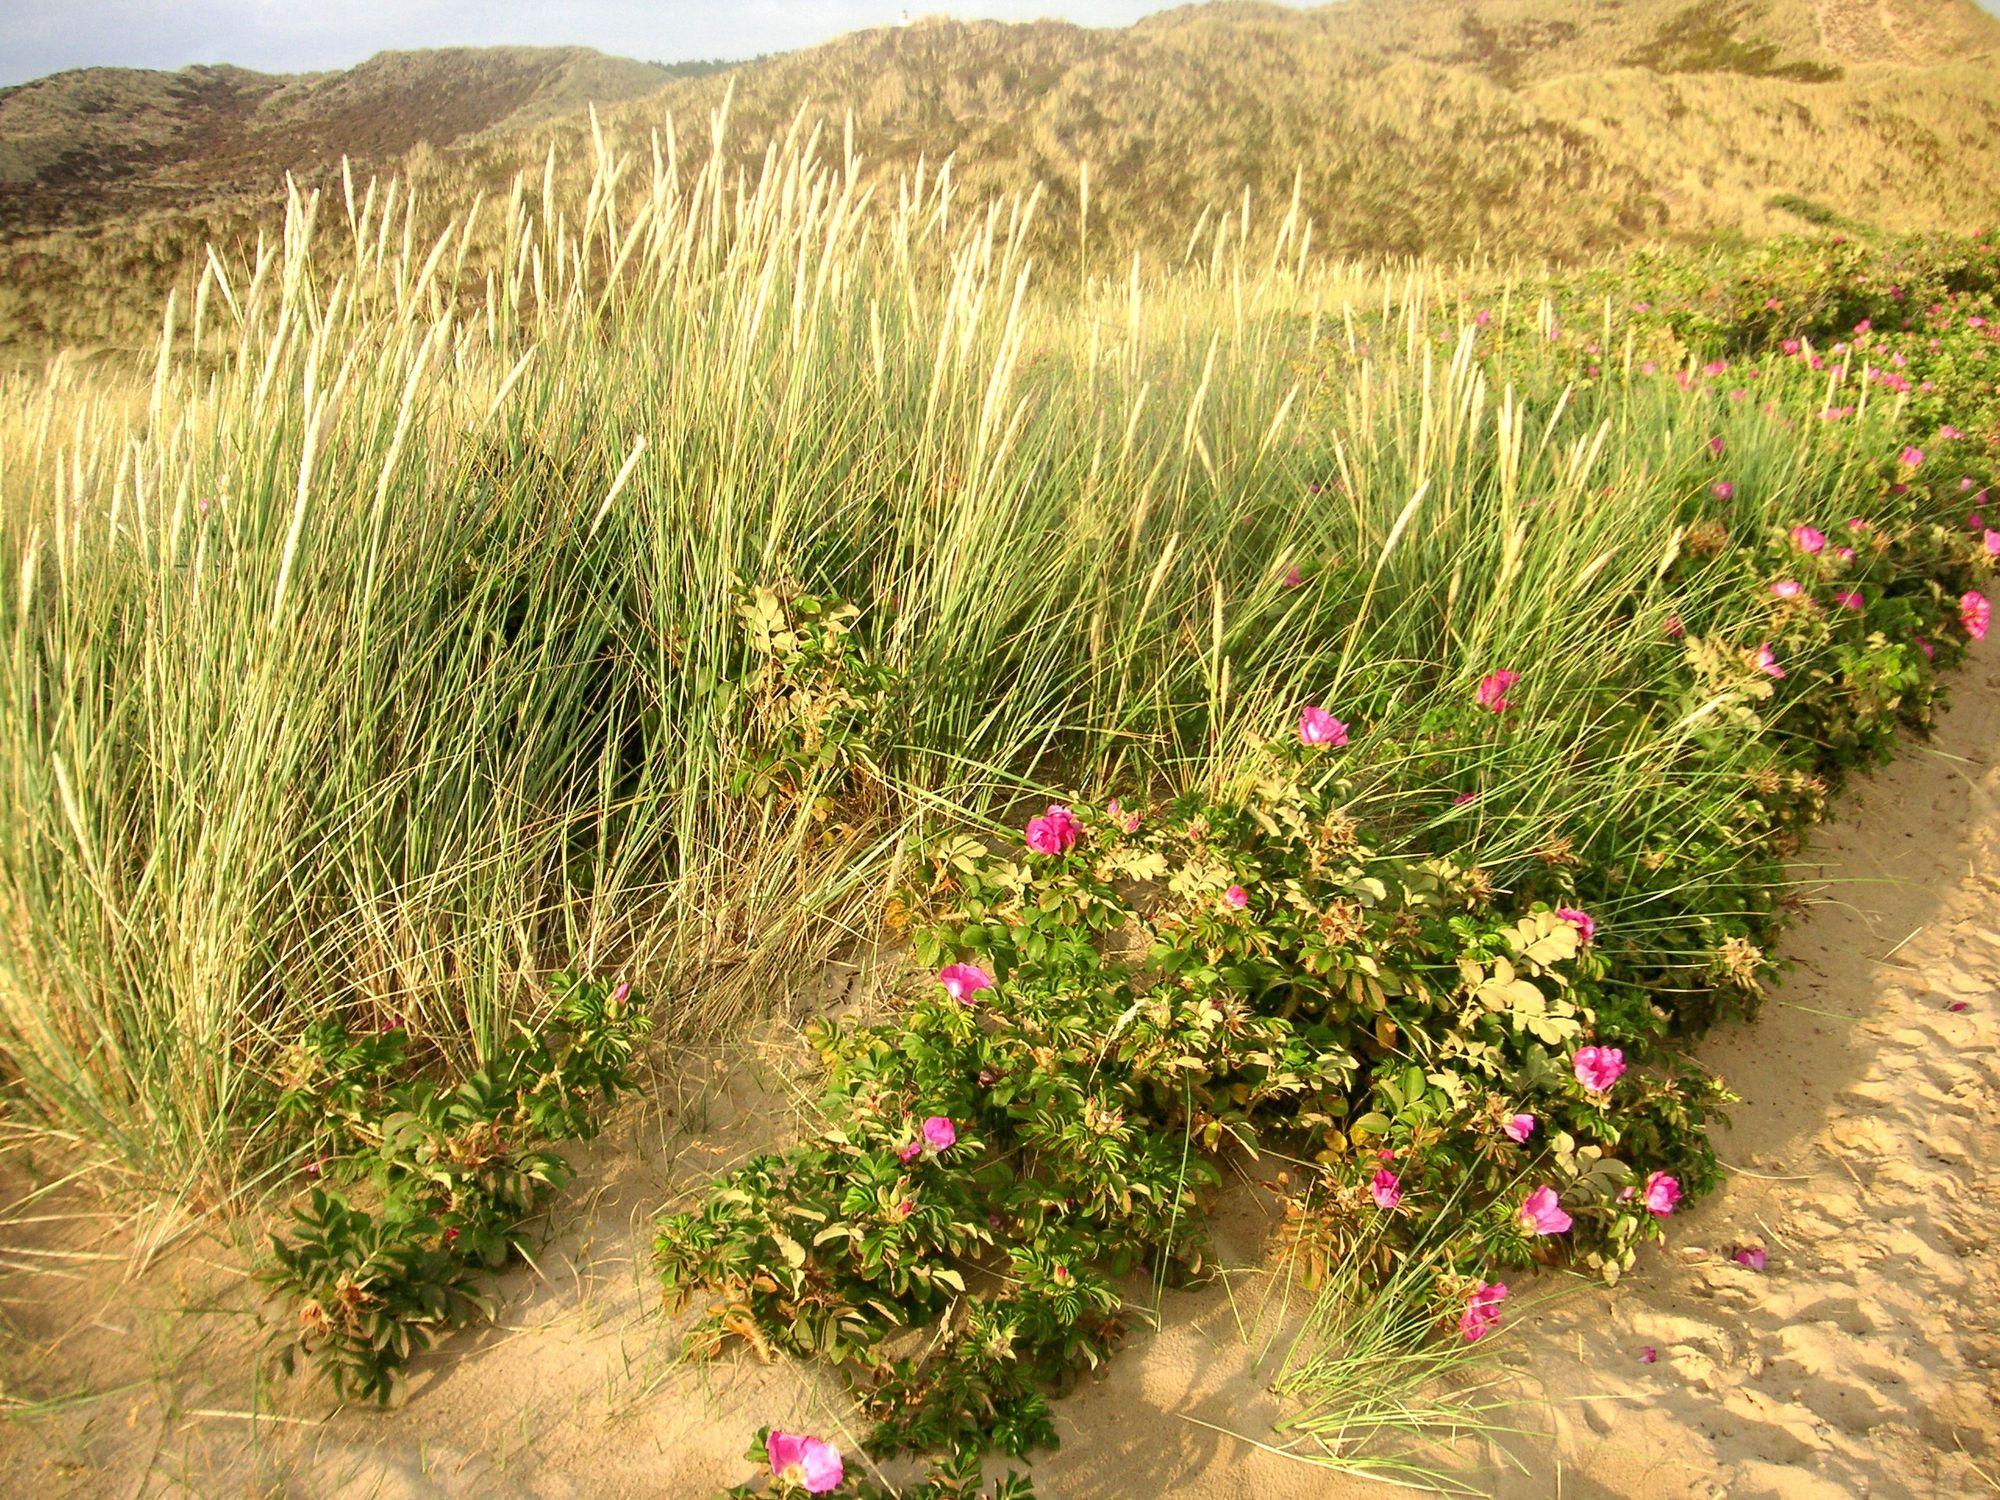 Bild mit Natur, Pflanzen, Gräser, Landschaften, Weiden und Wiesen, Blumen, Sträucher, Buschland